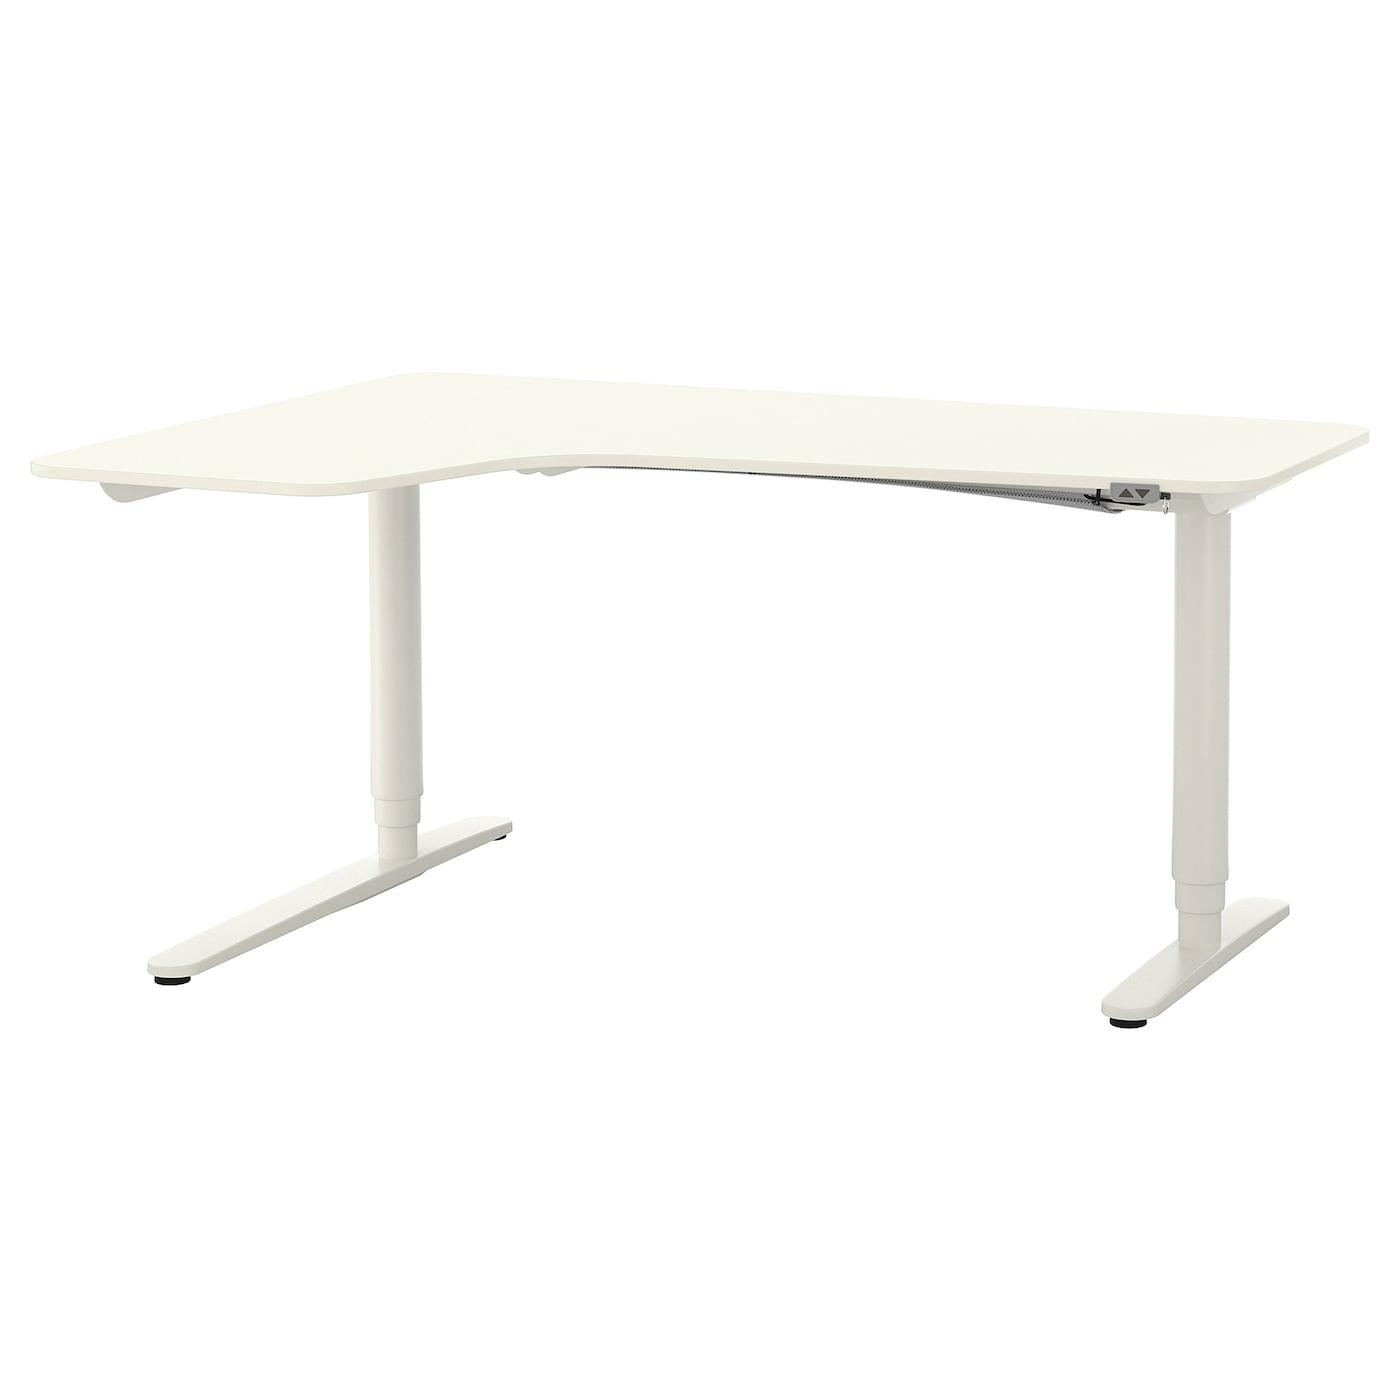 bekant bureau d 39 angle gch assis debout blanc 160x110 cm ikea. Black Bedroom Furniture Sets. Home Design Ideas